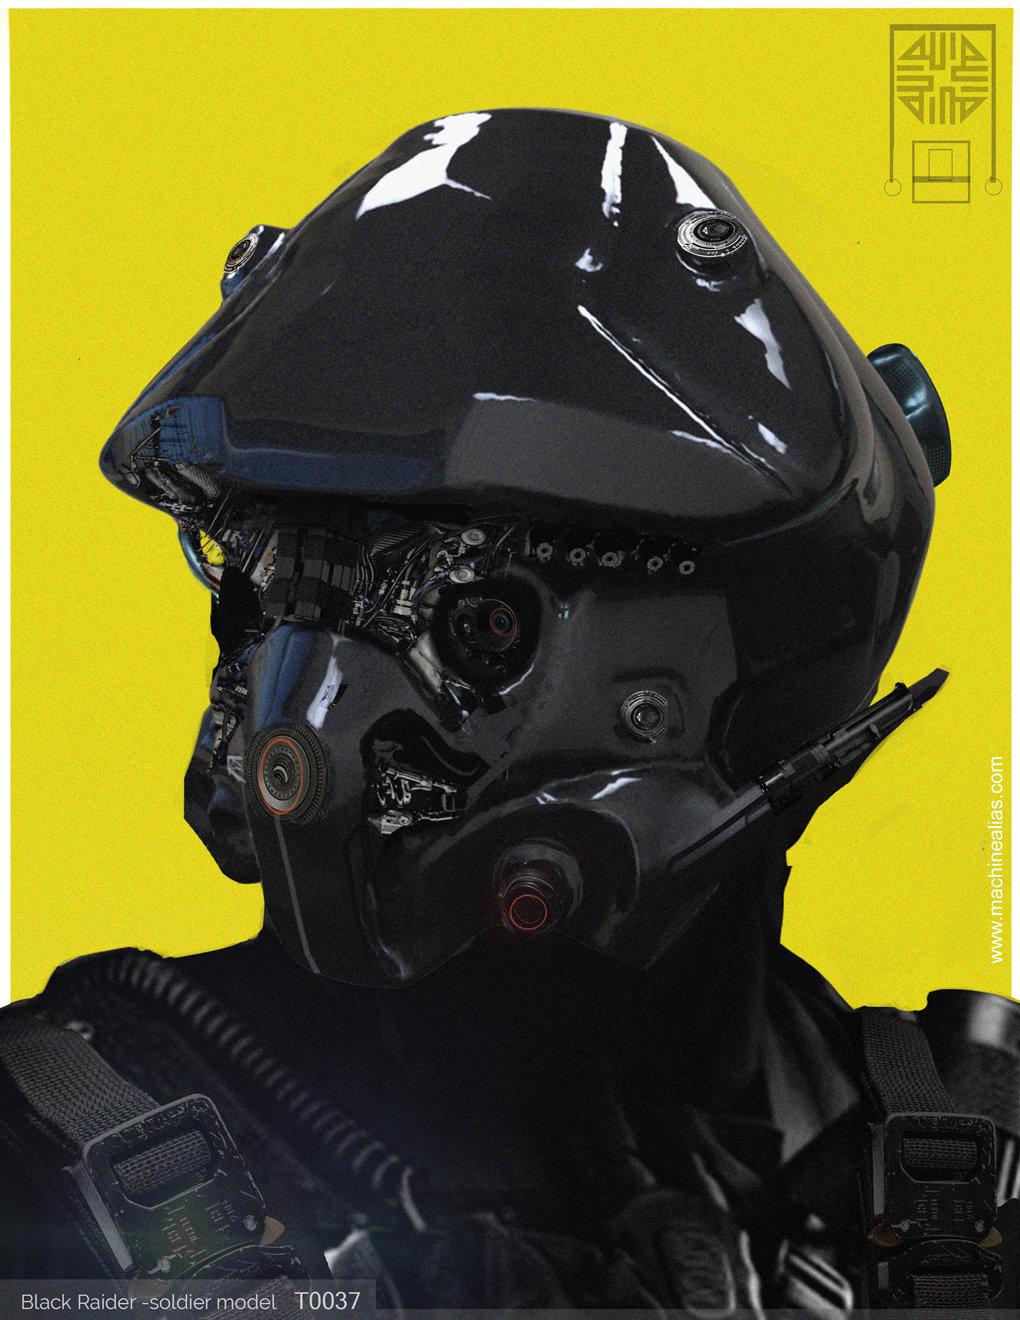 Black Raider- Soldier Model T0037